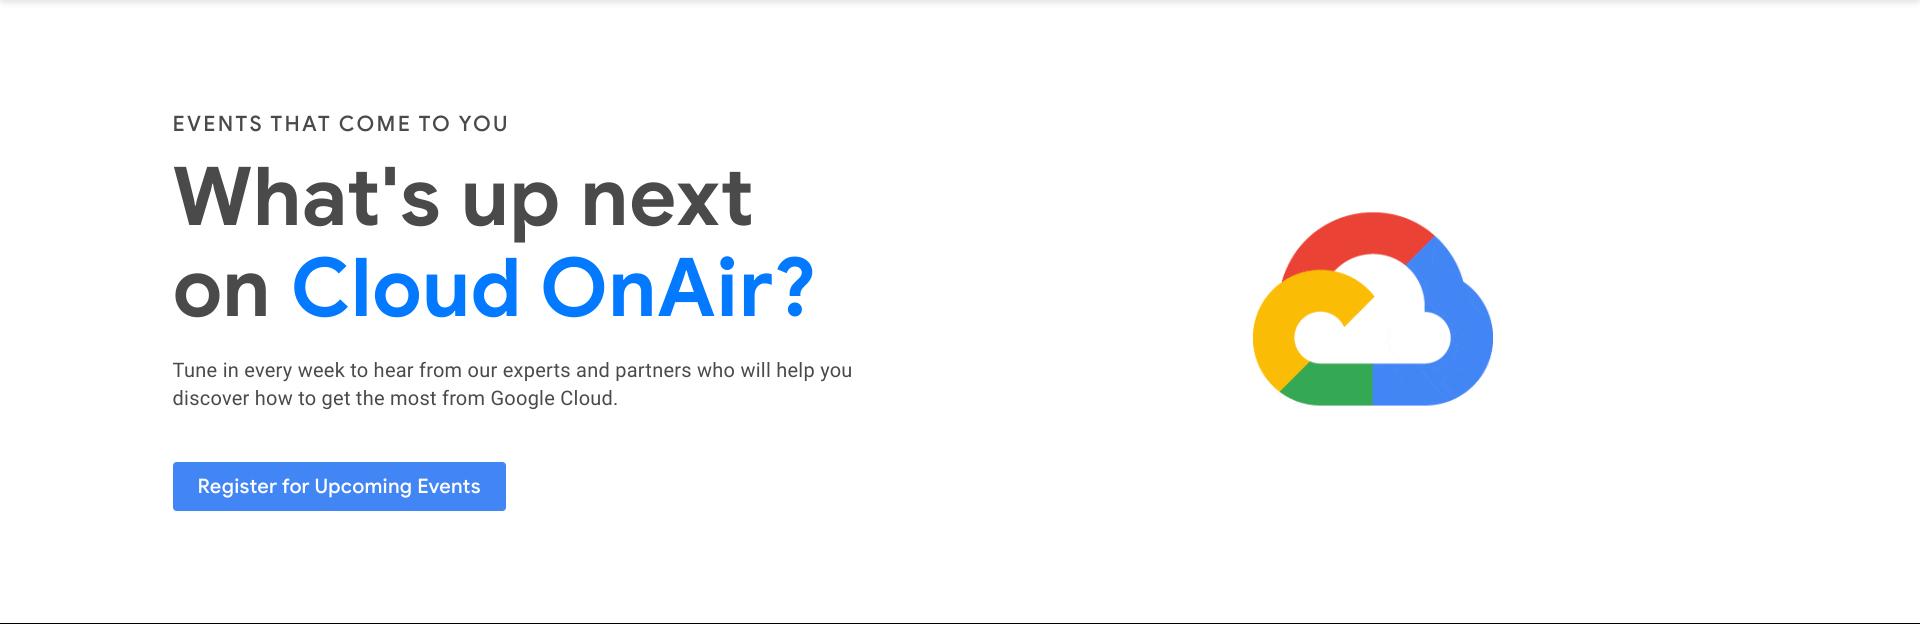 Google Cloud OnAir Global